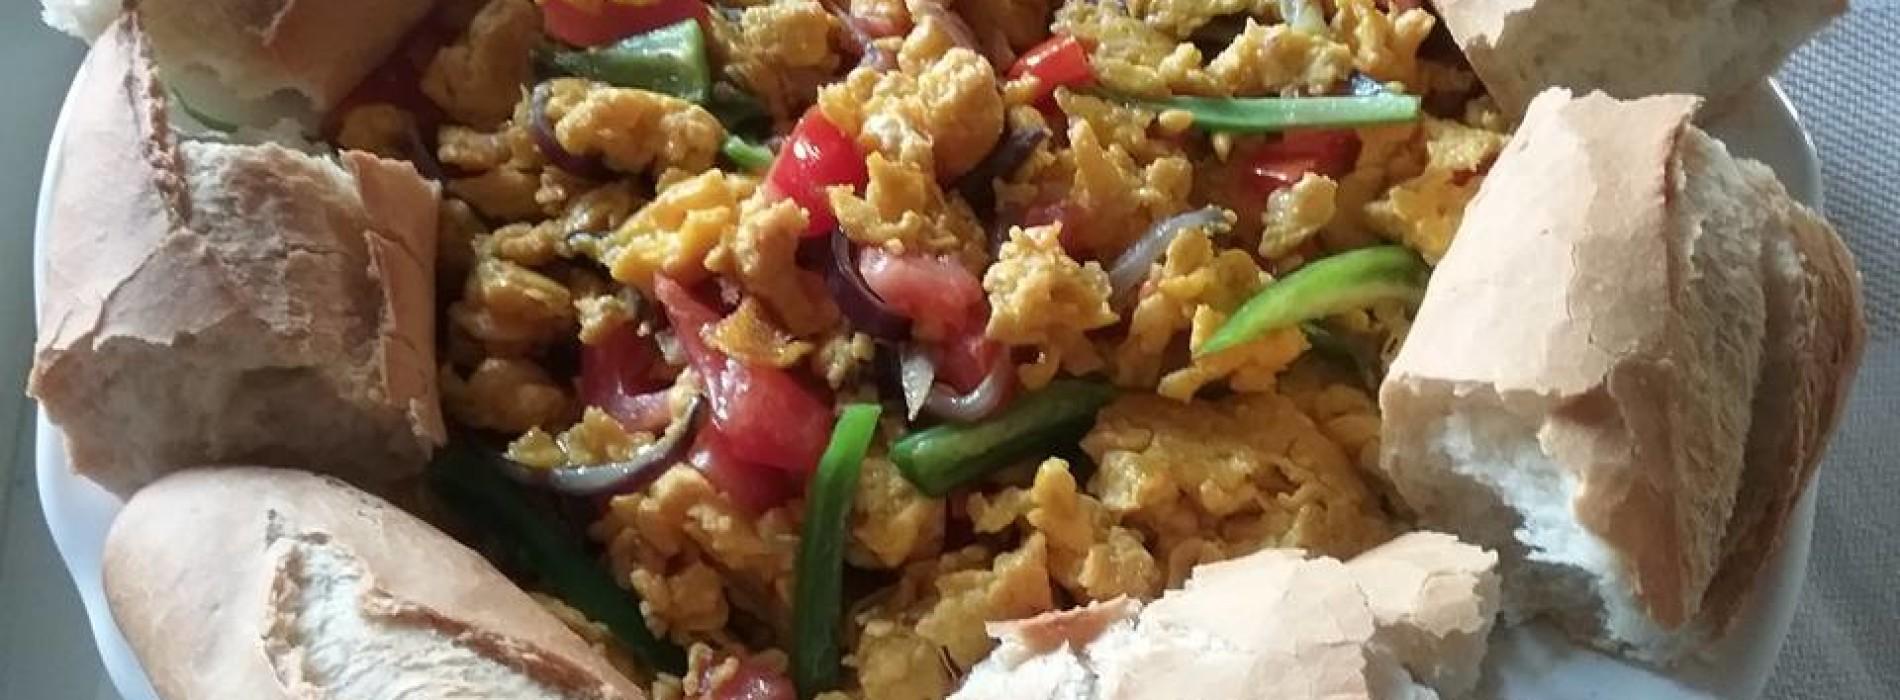 Habesha Bologna, il gusto di mangiare con le mani nel nuovo ristorante etiope